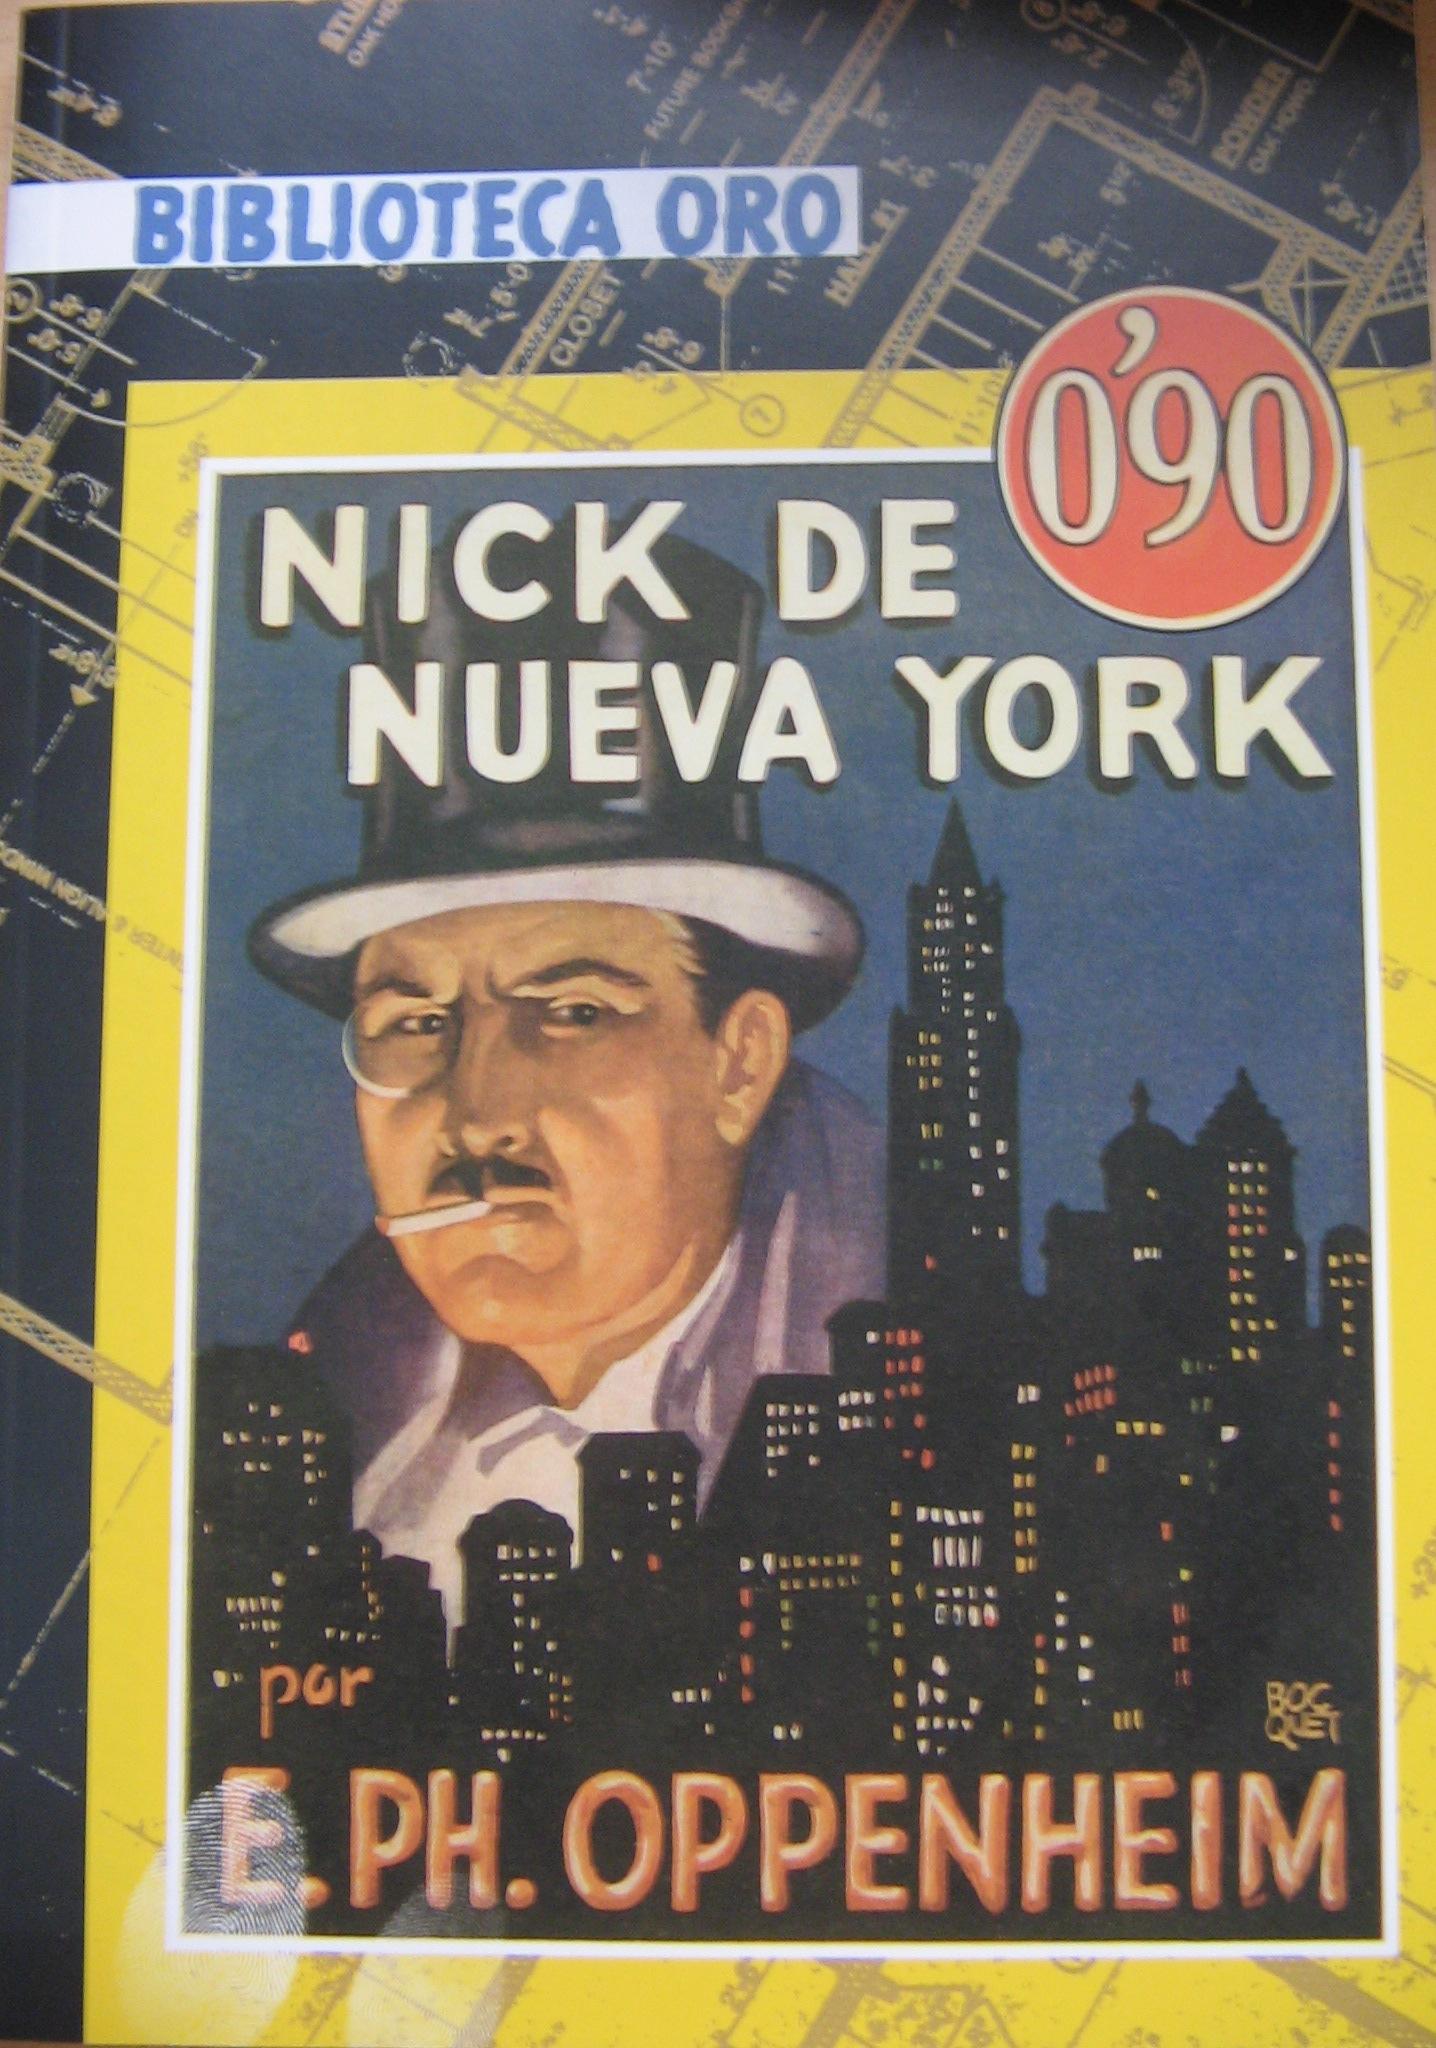 Nick de Nueva York